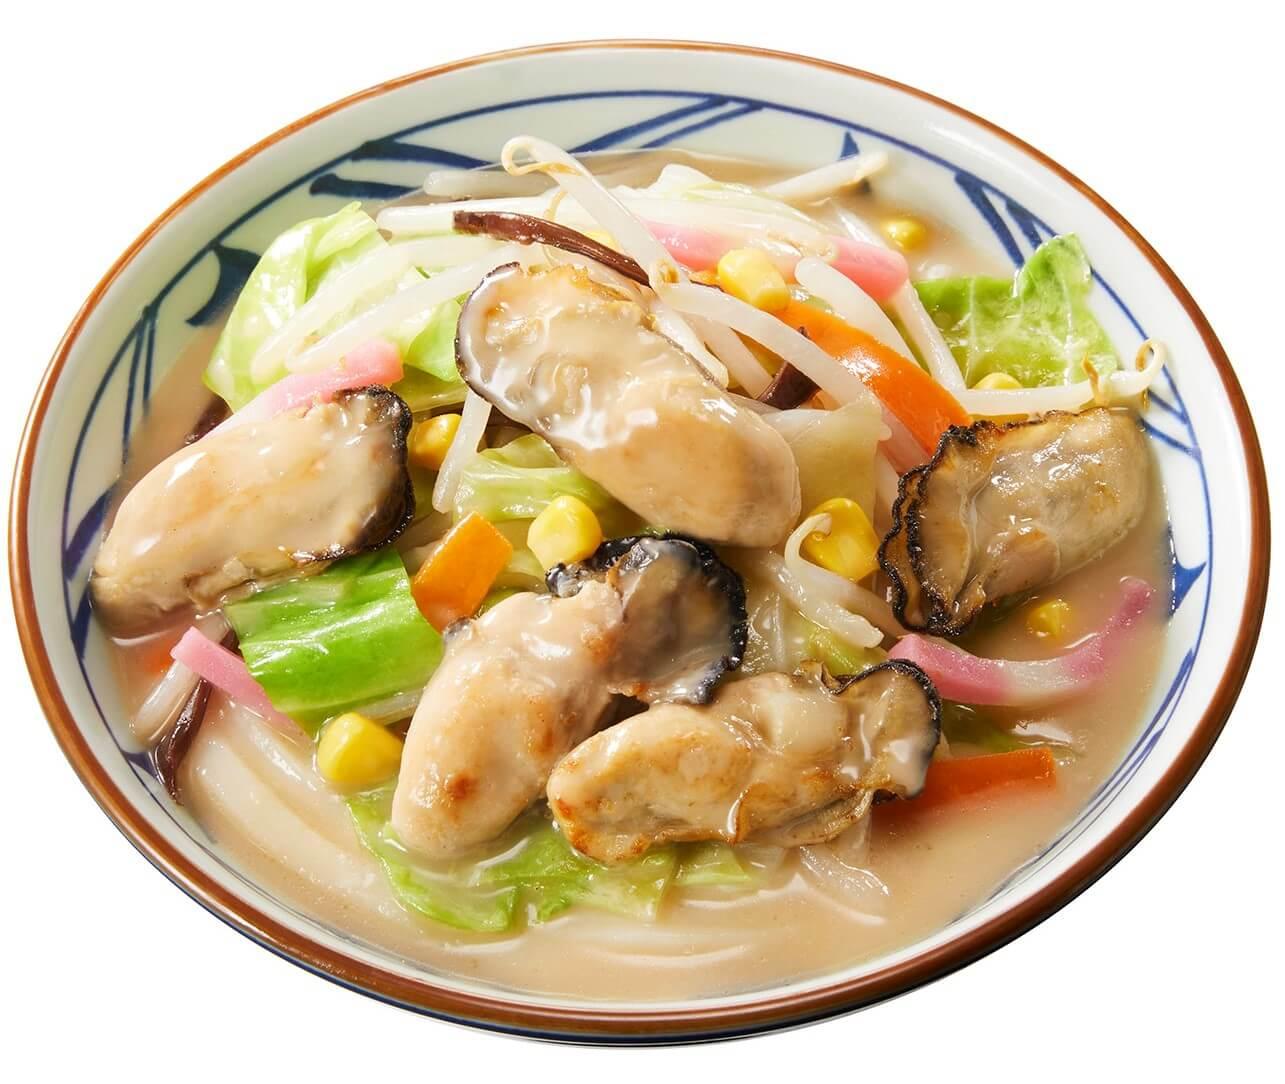 丸亀製麺の『牡蠣ちゃんぽんうどん』